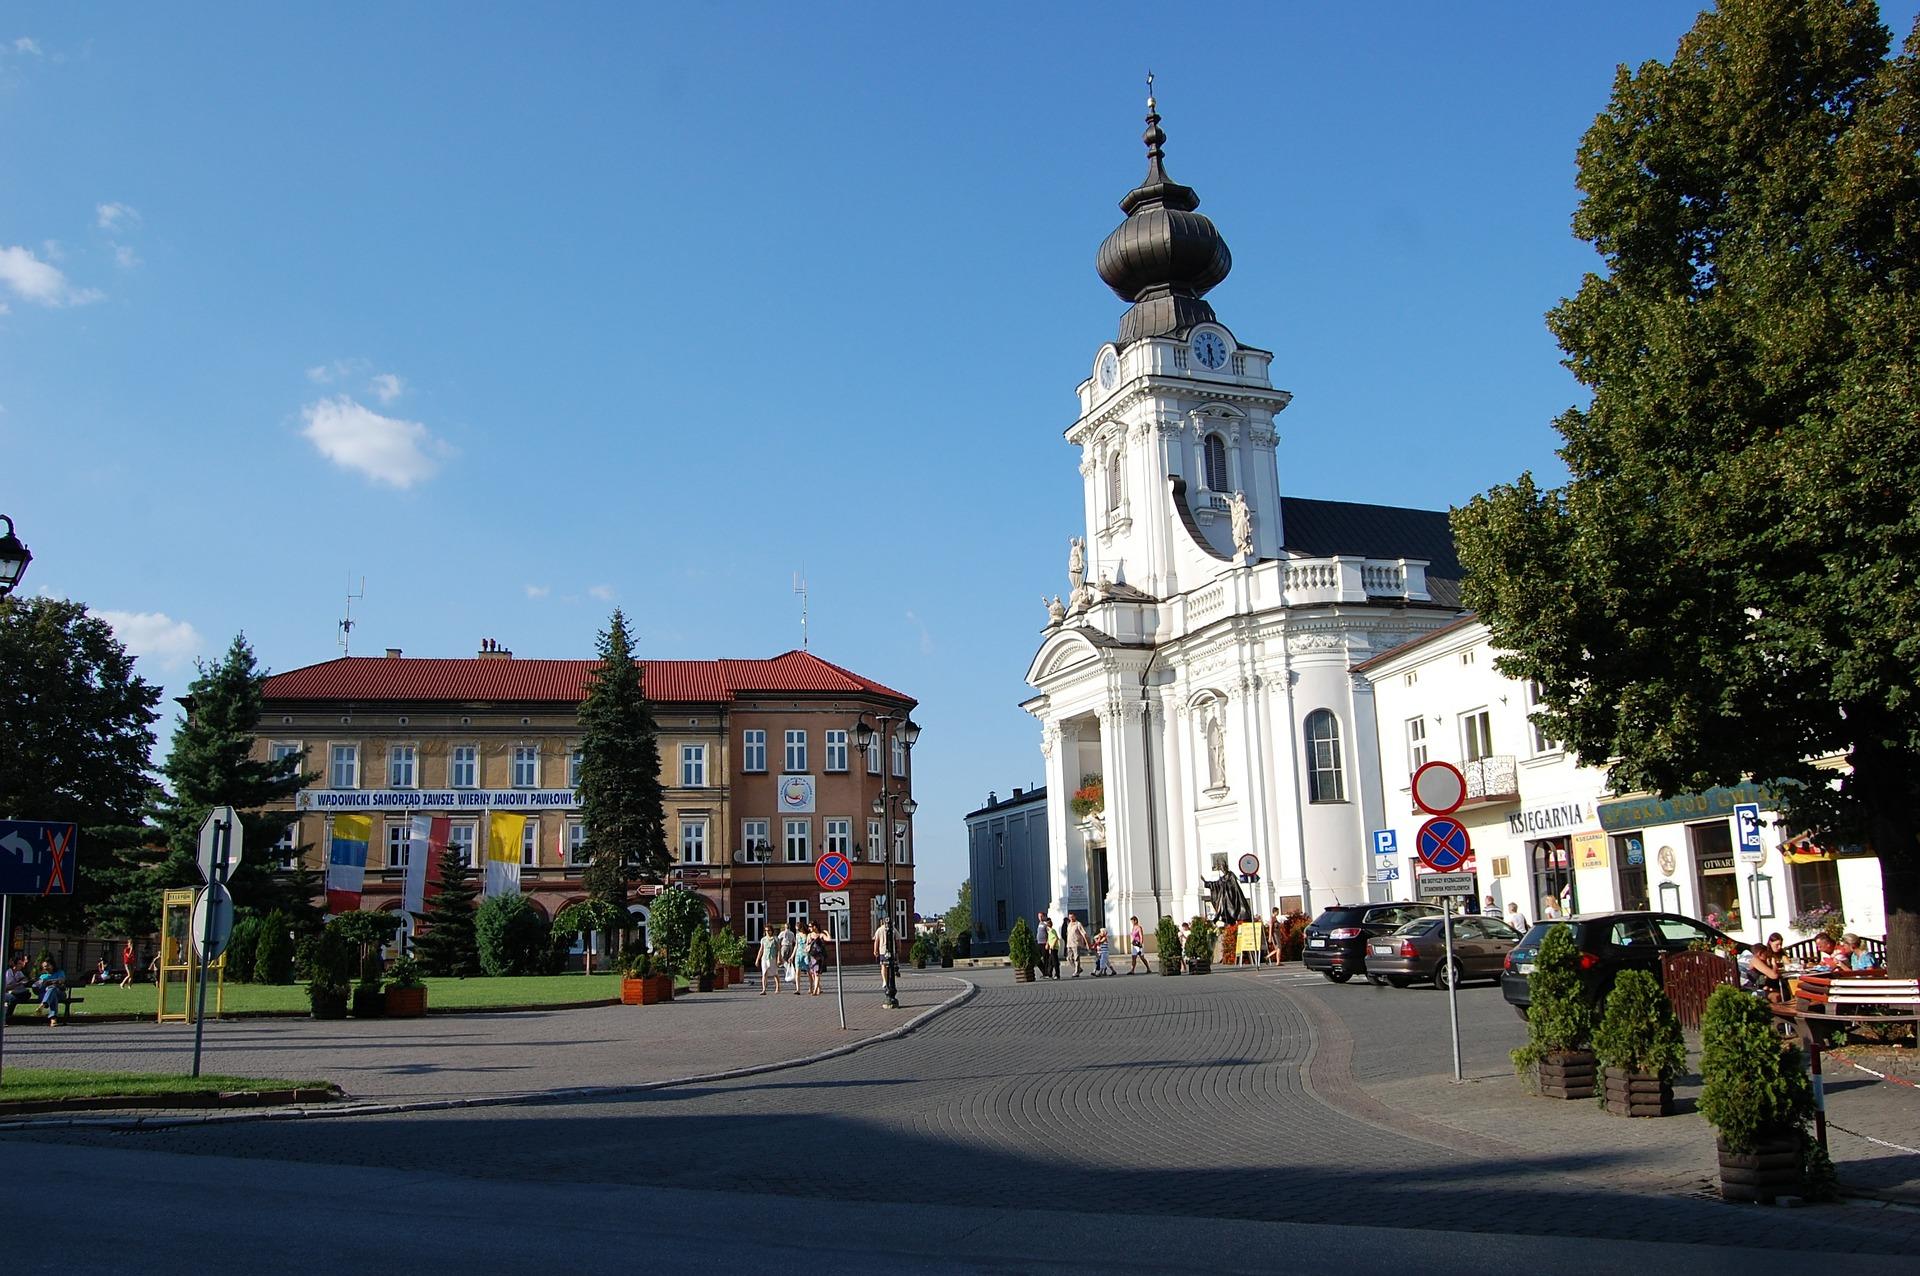 Busy małopolskie - Belgia - Miasto Wadowice